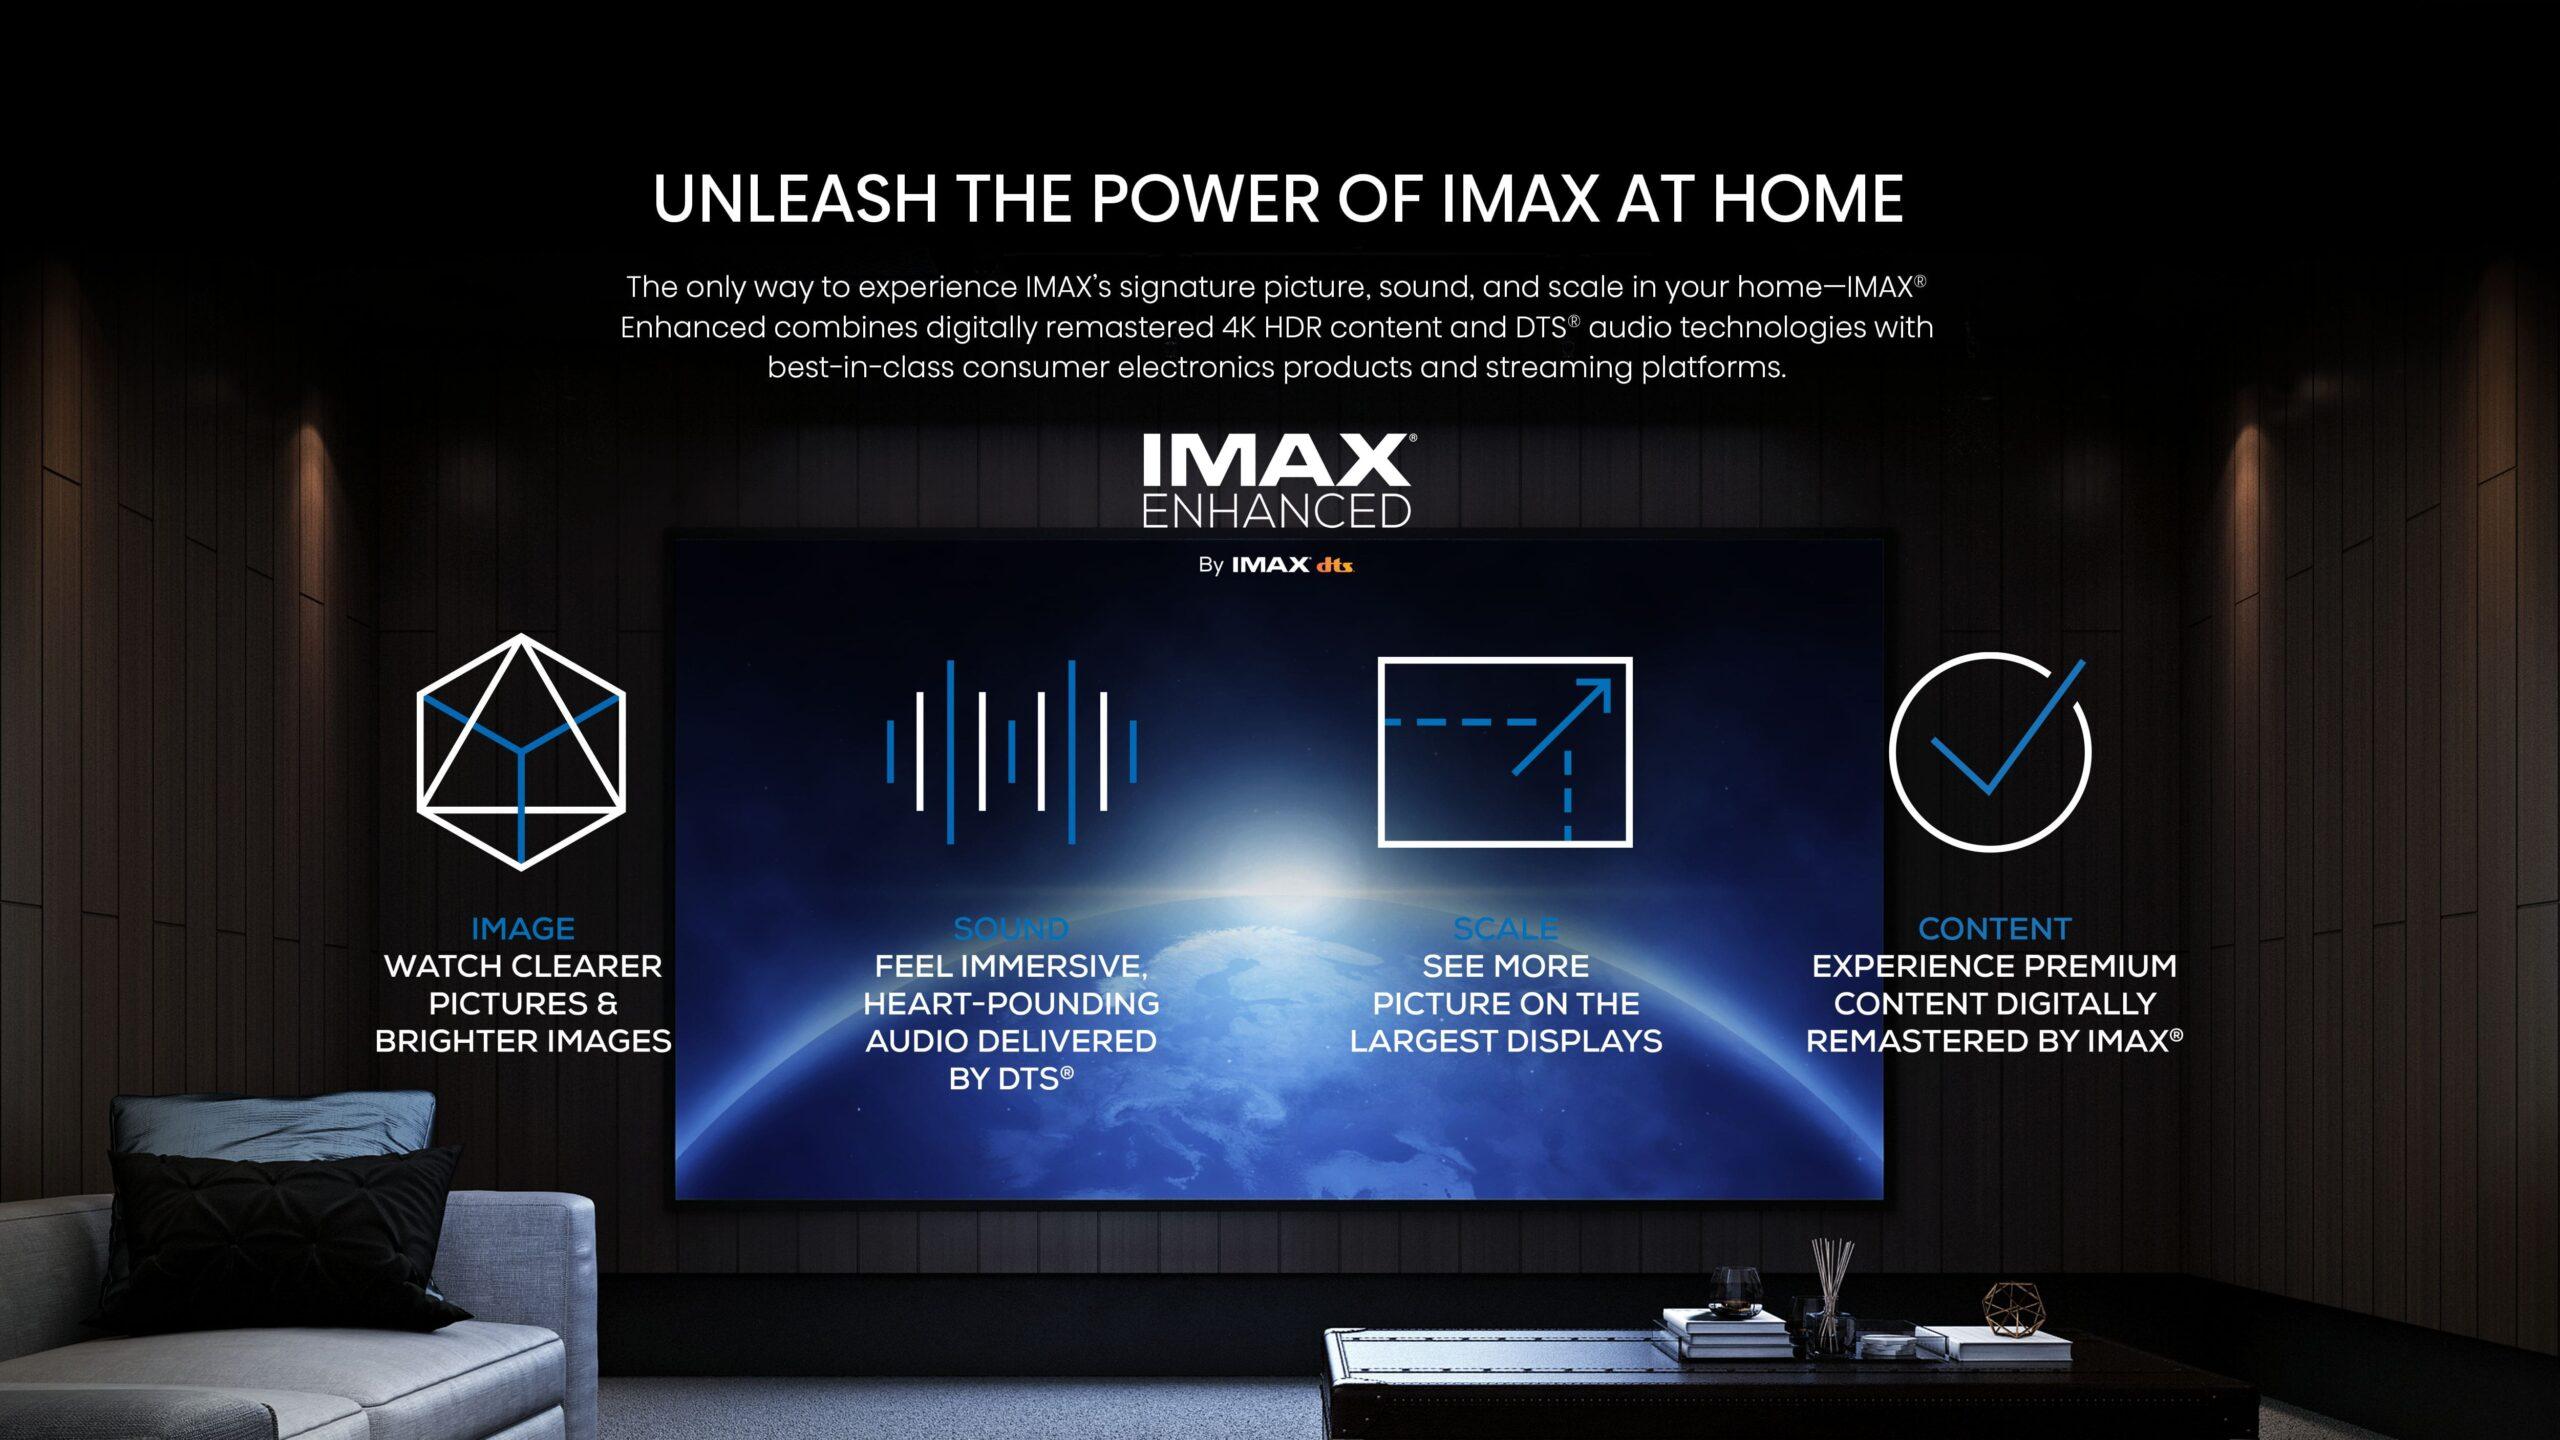 IMAX-Enhanced